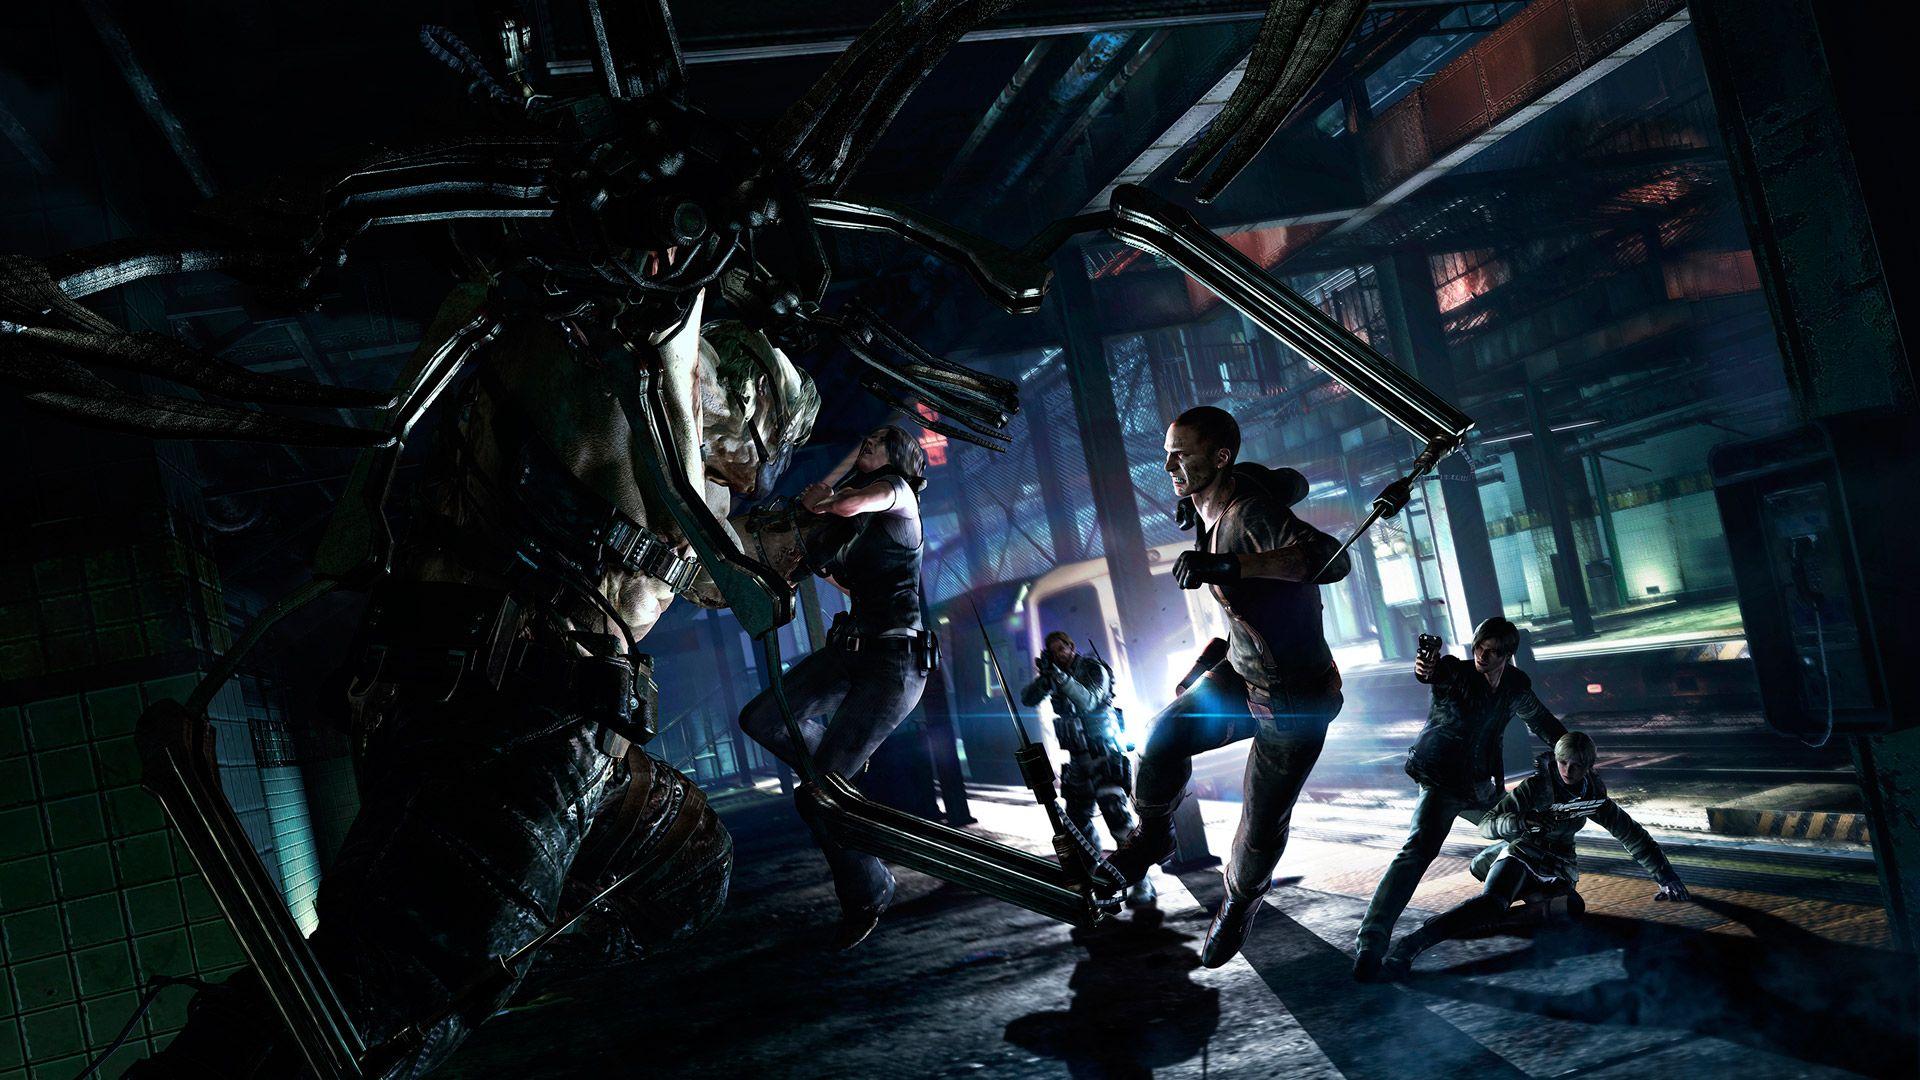 Resident Evil 6 Wallpaper In 2020 Resident Evil Resident Evil